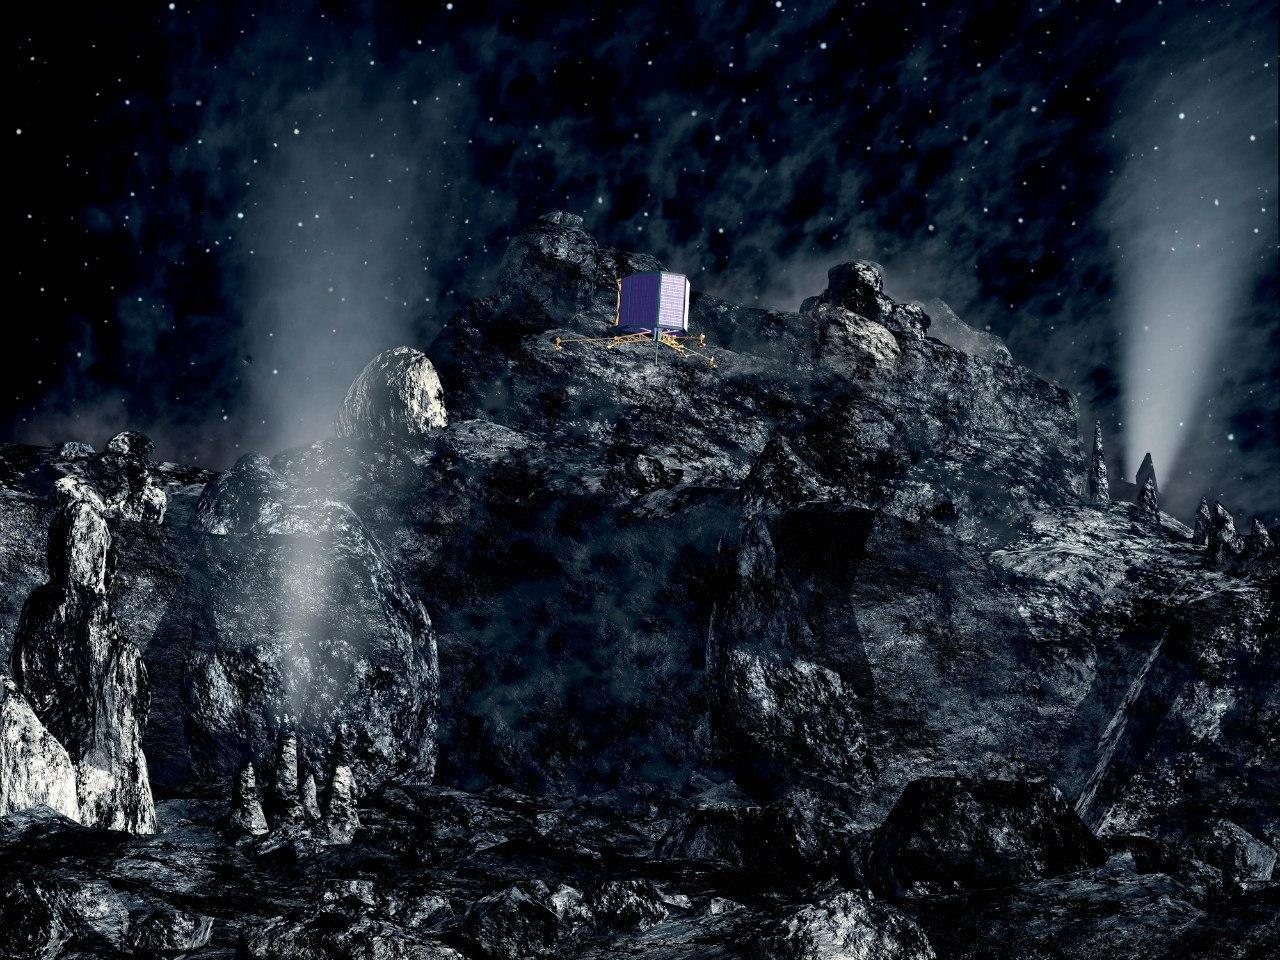 Чем пахнет комета Чурюмова Герасименко?